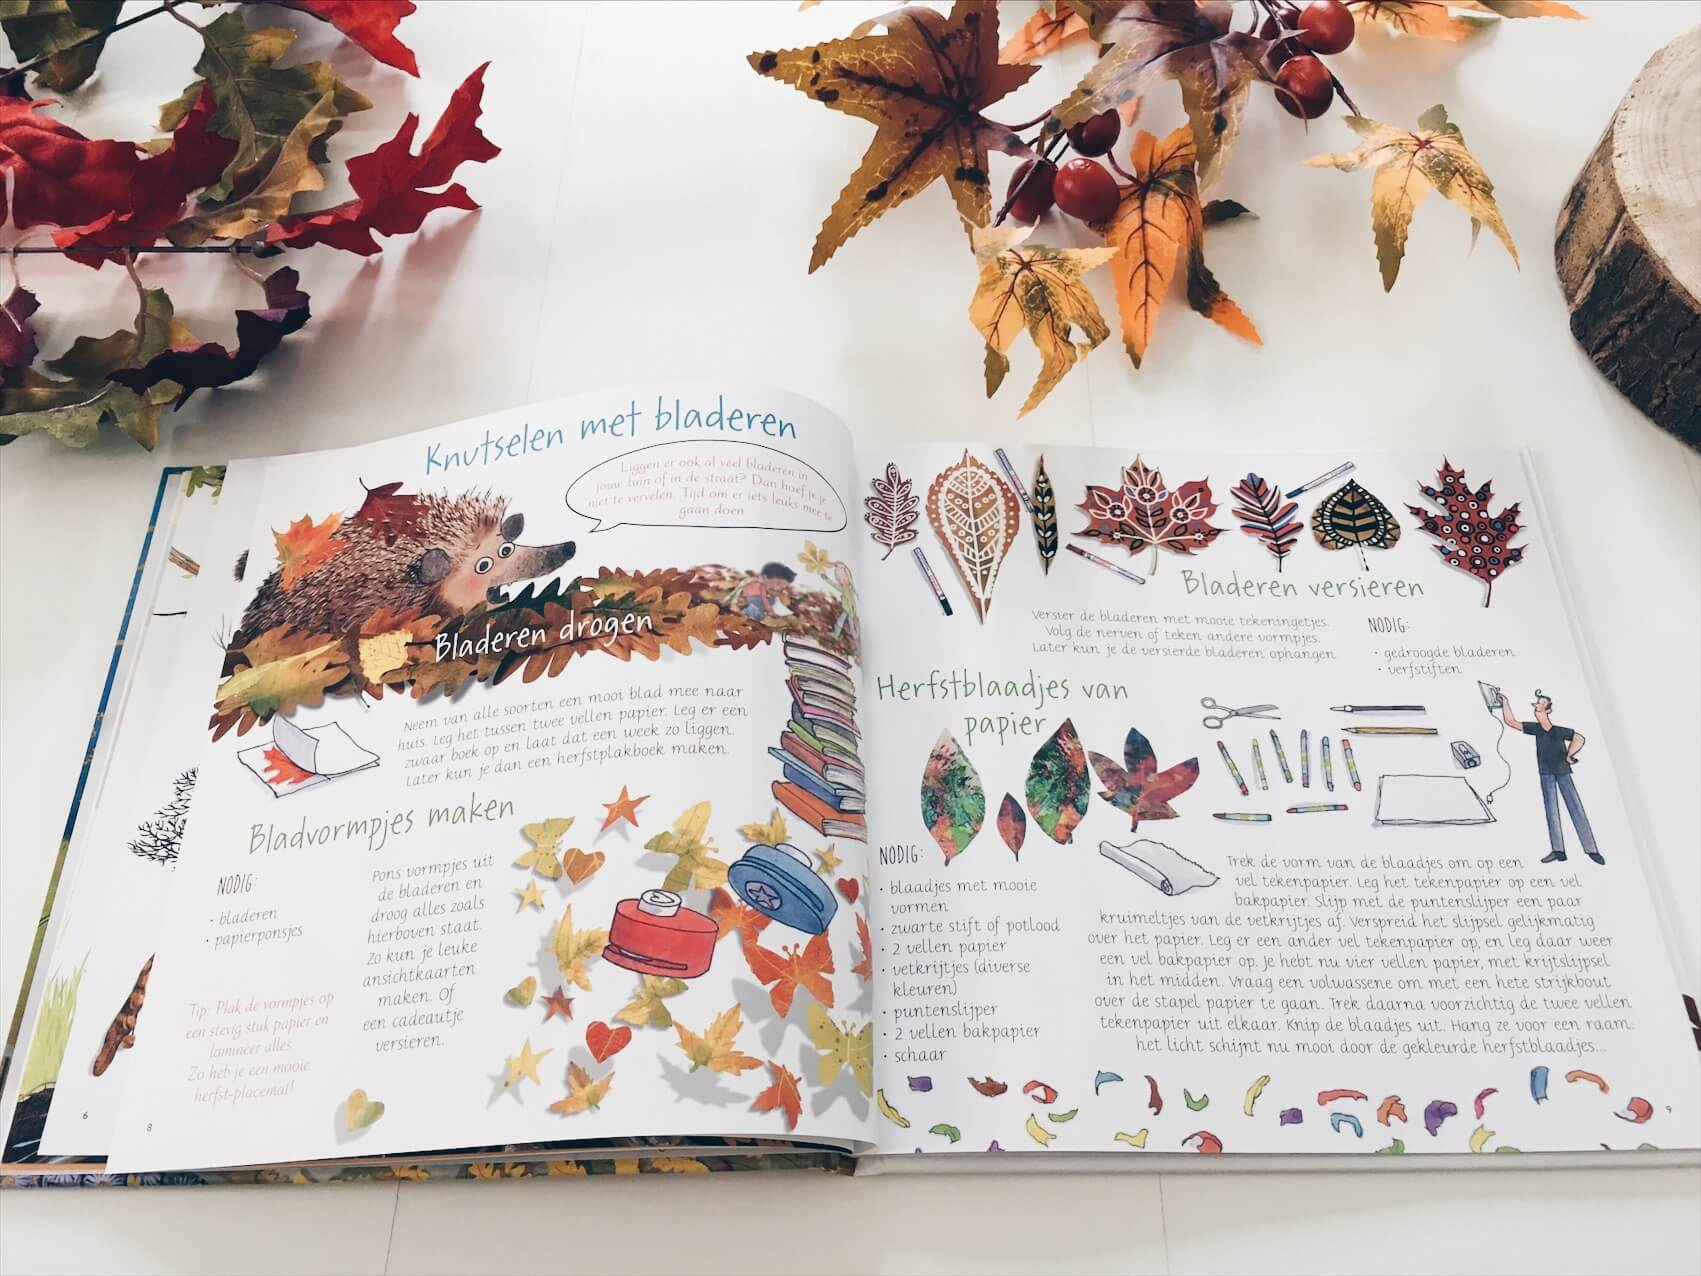 F7015CE8 E653 4902 8854 09D0D53080B7 - Leuke kinderboeken over de herfst voor grote en kleine kinderen